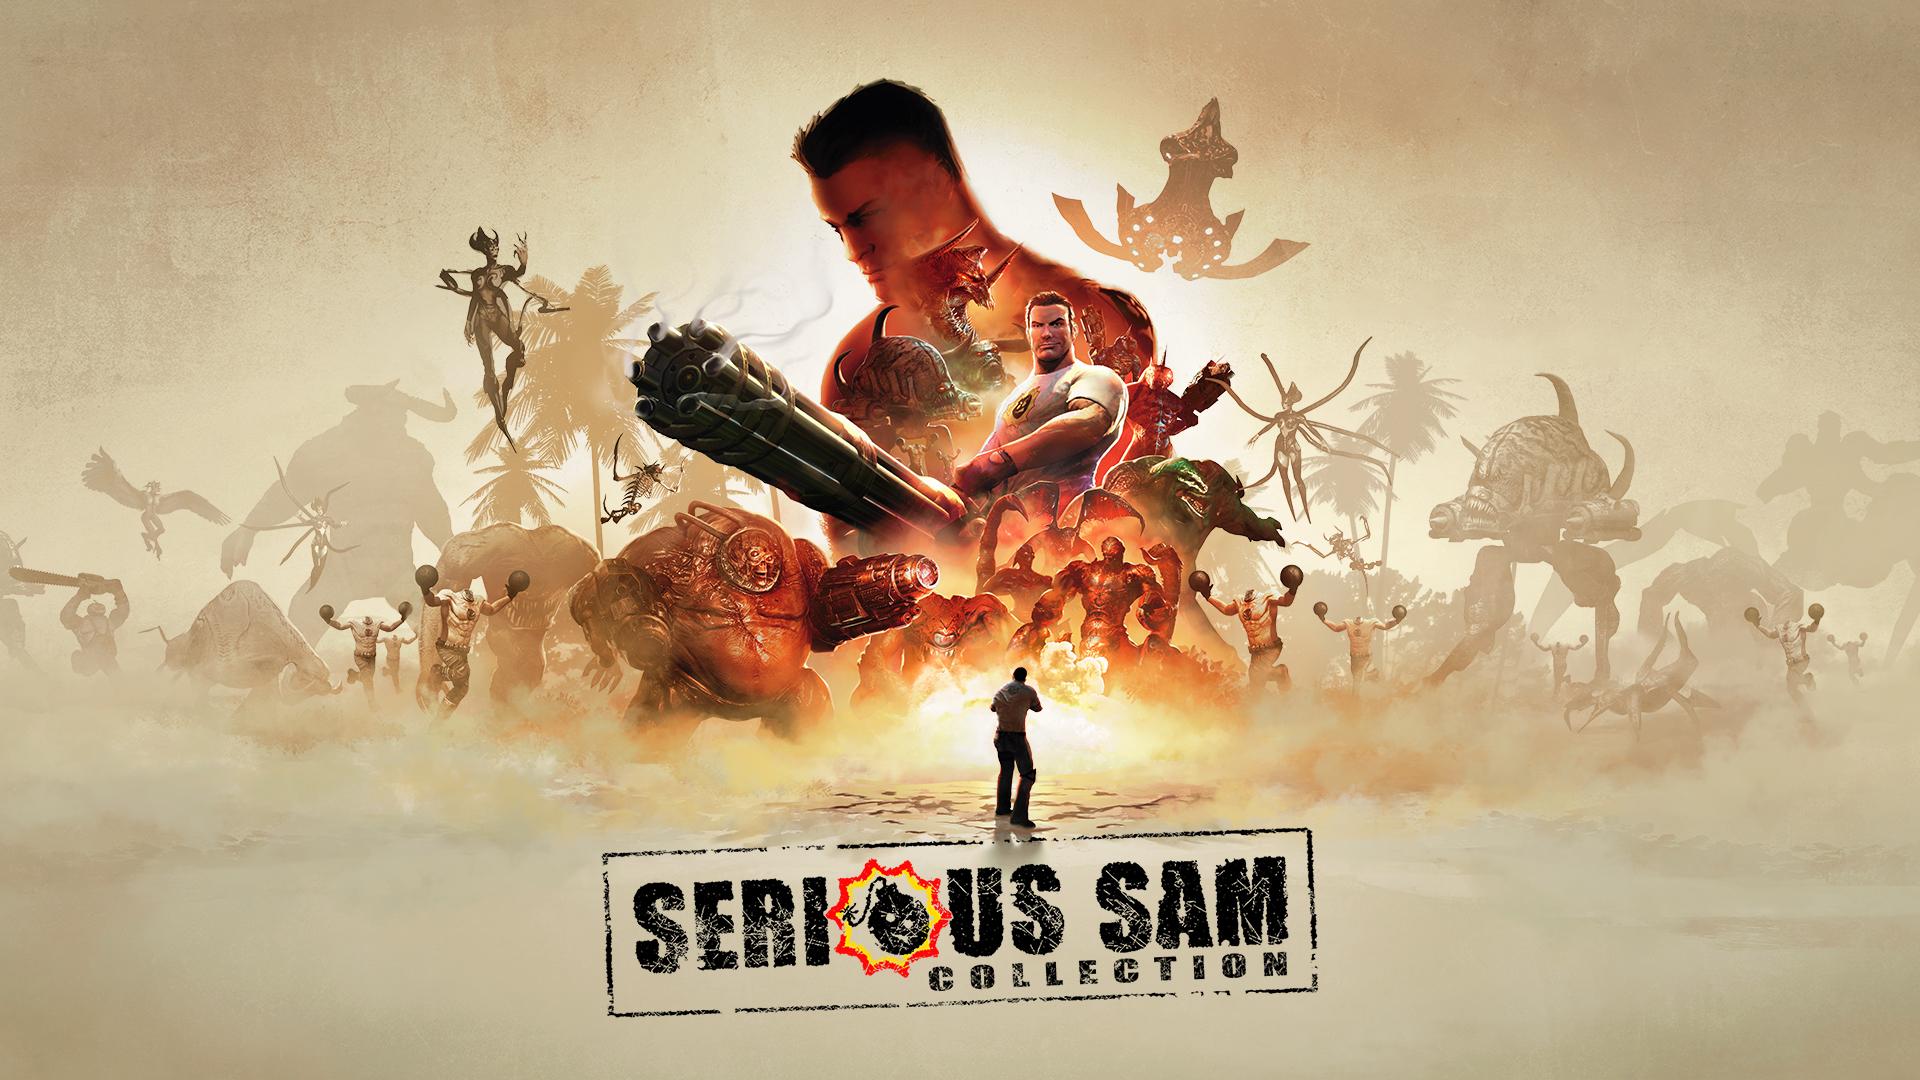 بازی Serious Sam Collection برای پلی استیشن 4 و ایکس باکس وان در راه است